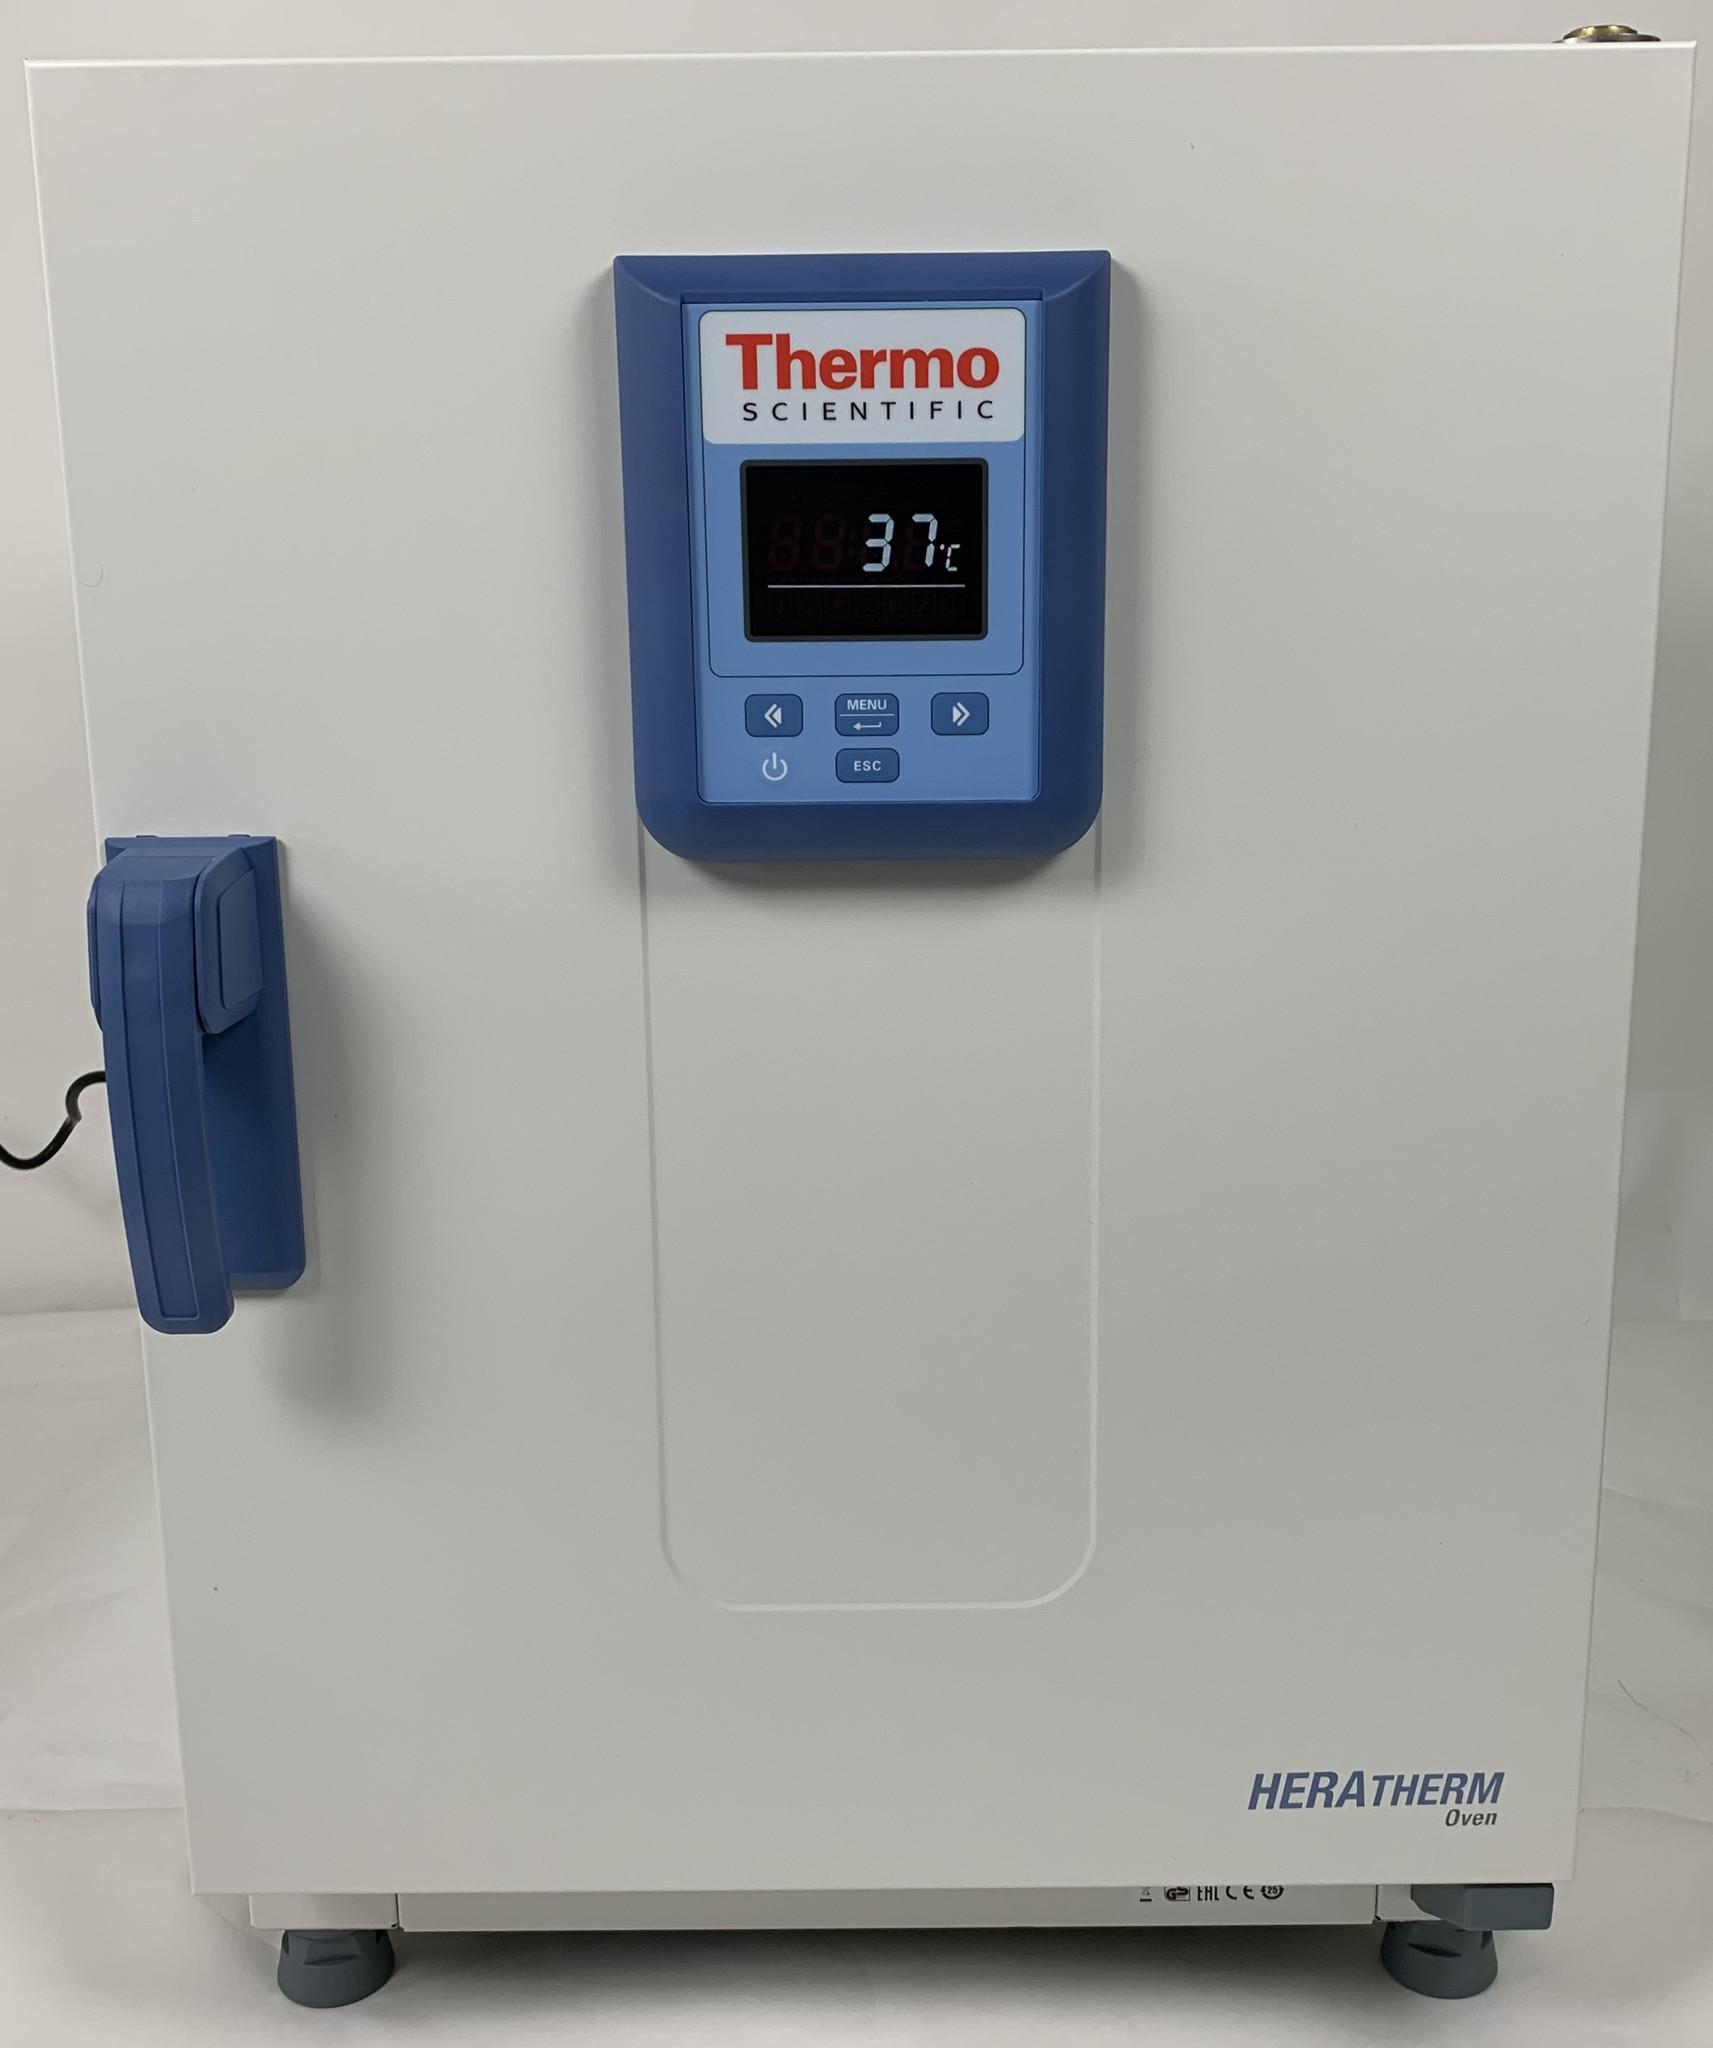 Thermo Scientific Heratherm OGS 60 Trockenschrank